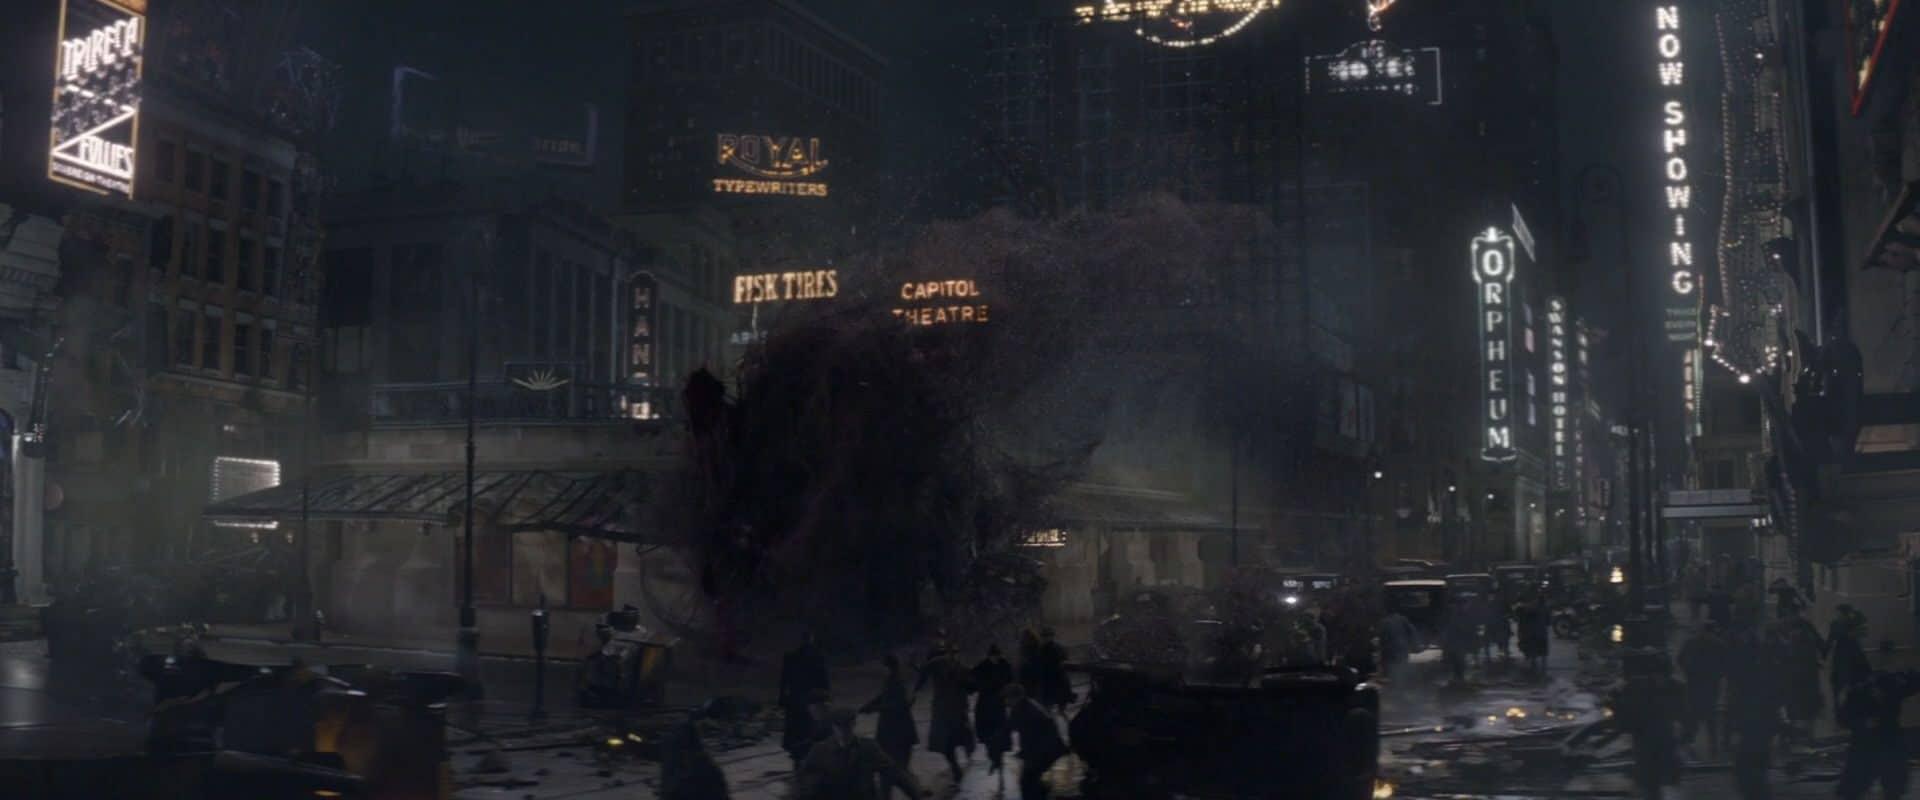 Potterish :: Harry Potter, o Ickabog, Animais Fantásticos e JK Rowling 6 pontos turísticos de Animais Fantásticos em Nova York